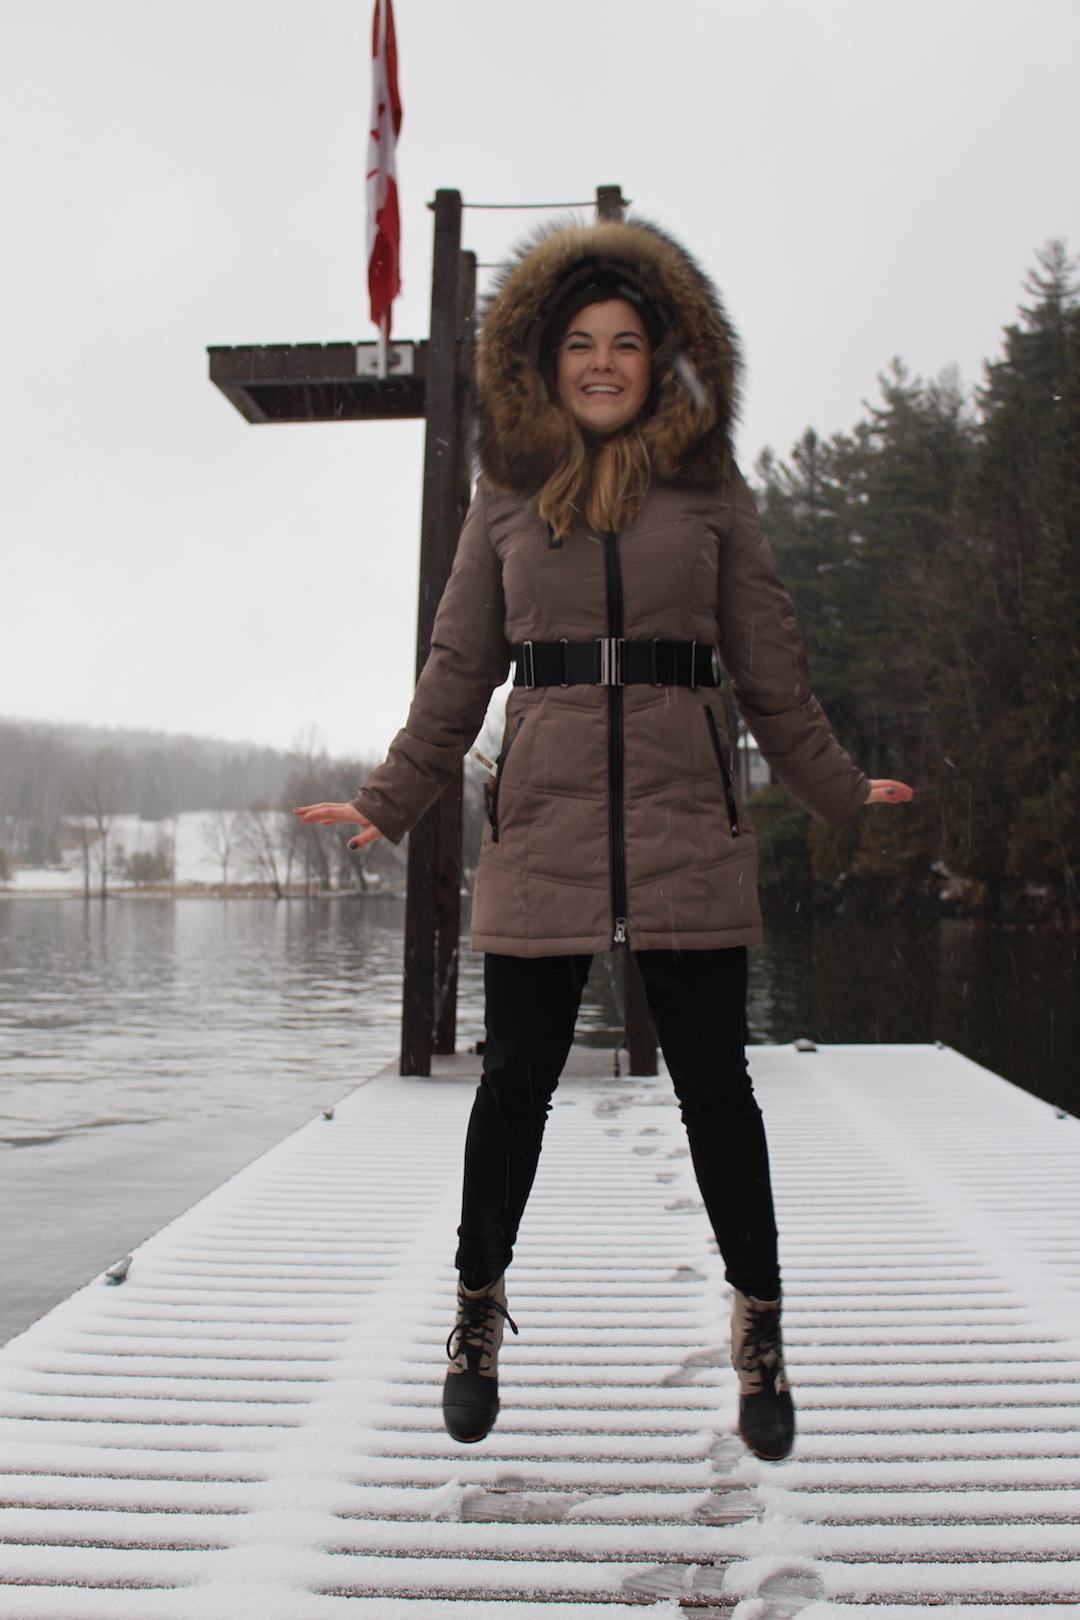 choisir et québécois un l'hiver manteau pour 5 survivre à trucs qXxxEAwP